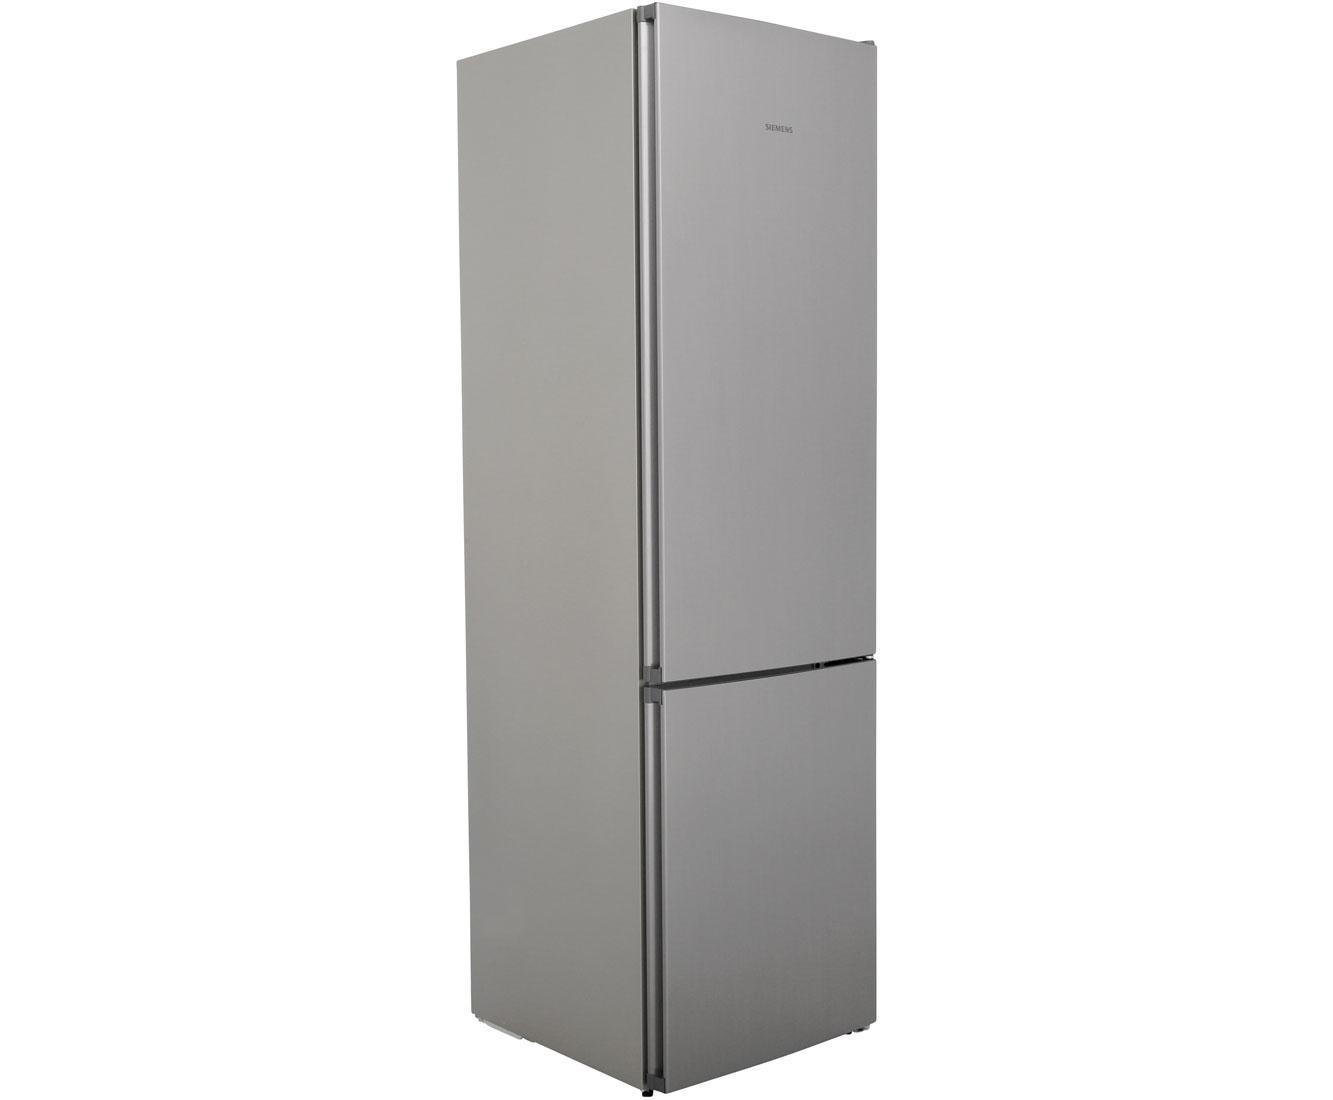 Siemens Kühlschrank Retro : Siemens iq300 kg39nvl45 kühl gefrierkombination mit no frost 60er